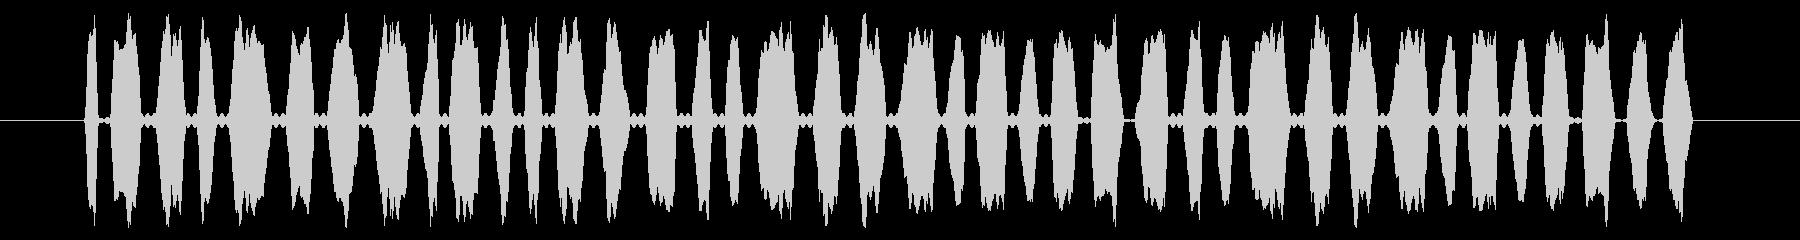 【NES RPG01-08(メッセージ)の未再生の波形